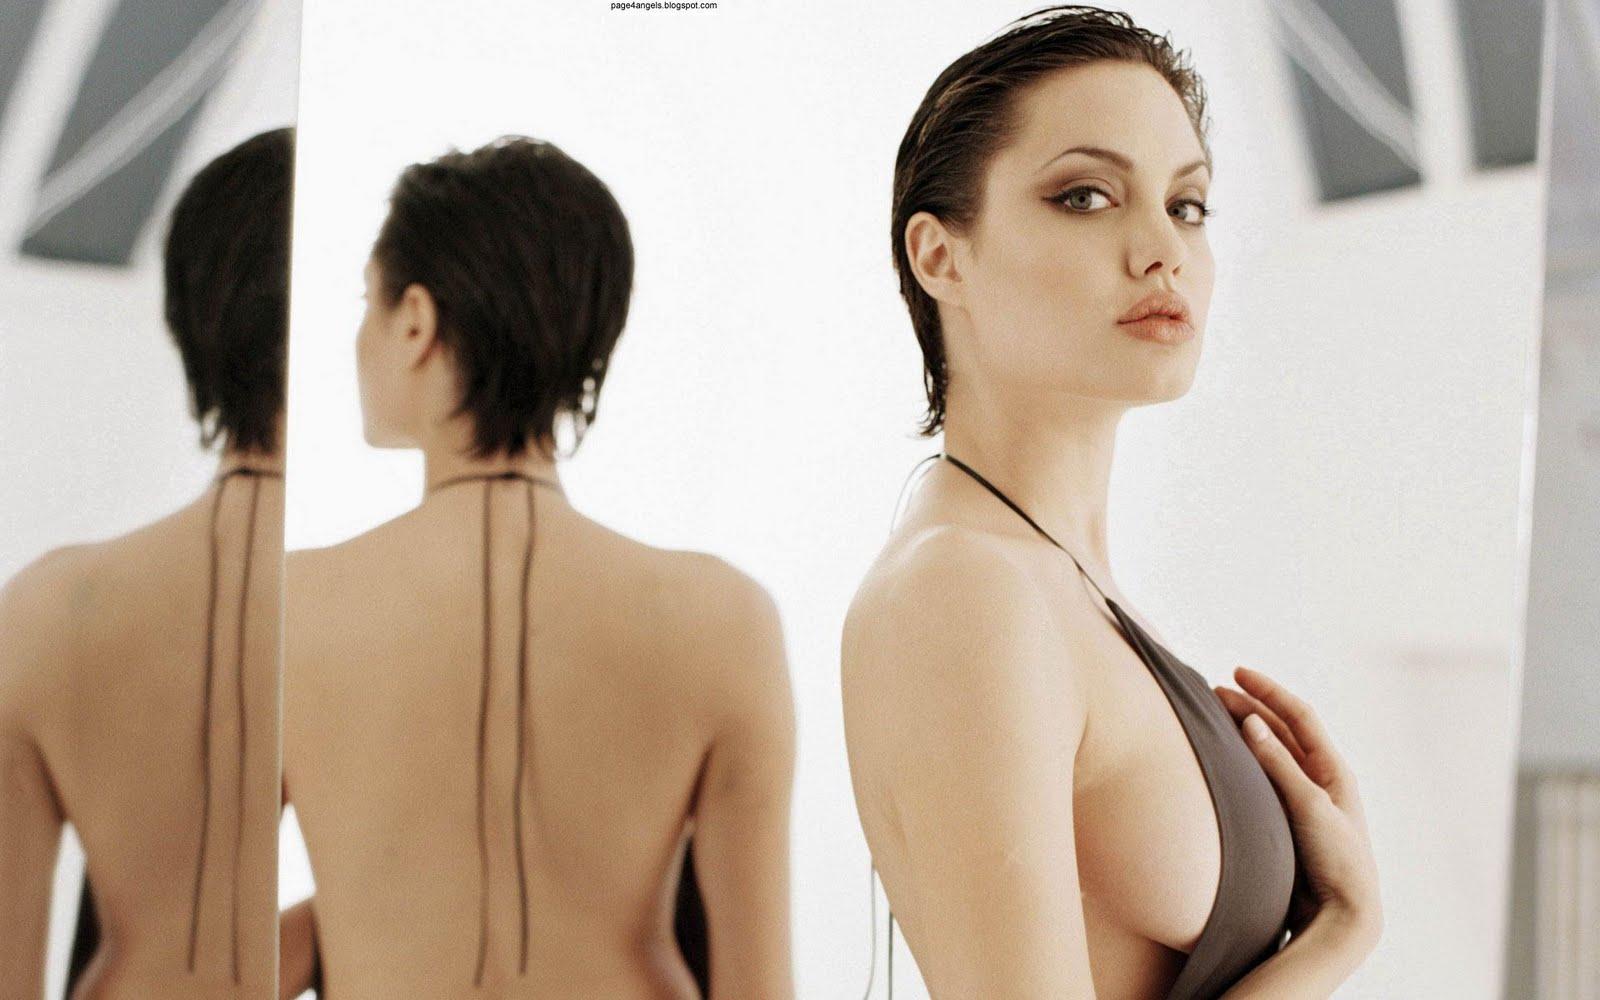 http://3.bp.blogspot.com/-oM-m4MVNCtE/UKCDjvNKNsI/AAAAAAAAGbQ/-ceCJ0nnfZw/s1600/Angelina_Jolie_Hot_Wallpapers_17.jpg